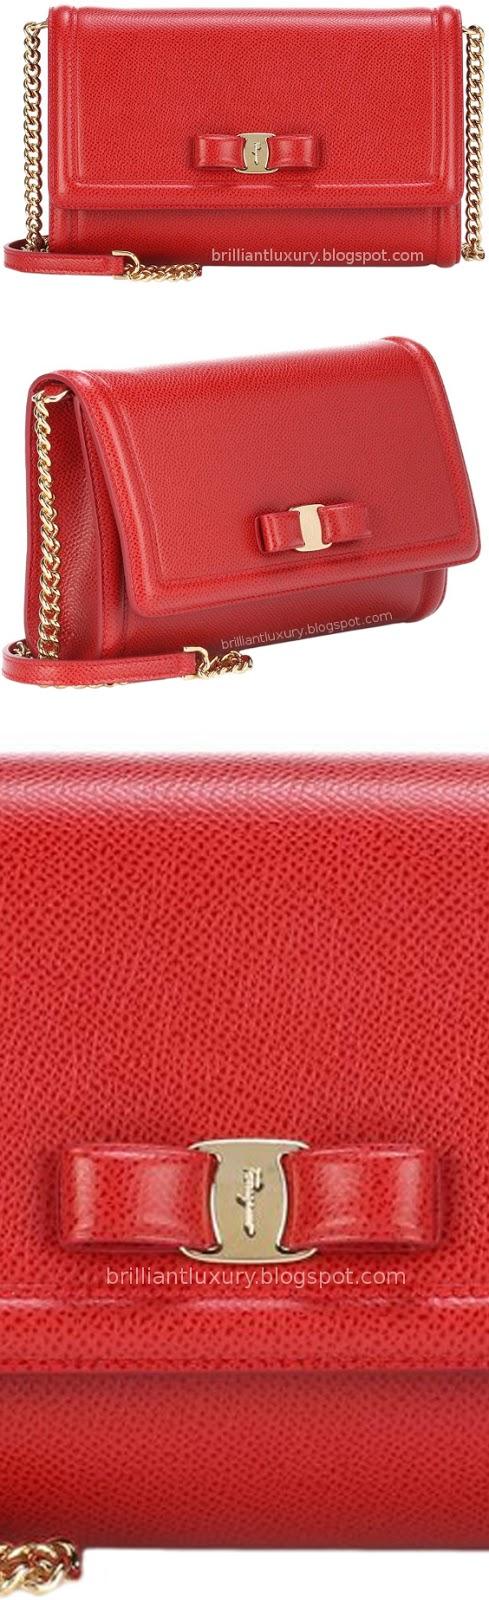 Brilliant Luxury ♦ Salvatore Ferragamo Vara mini red shoulder bag